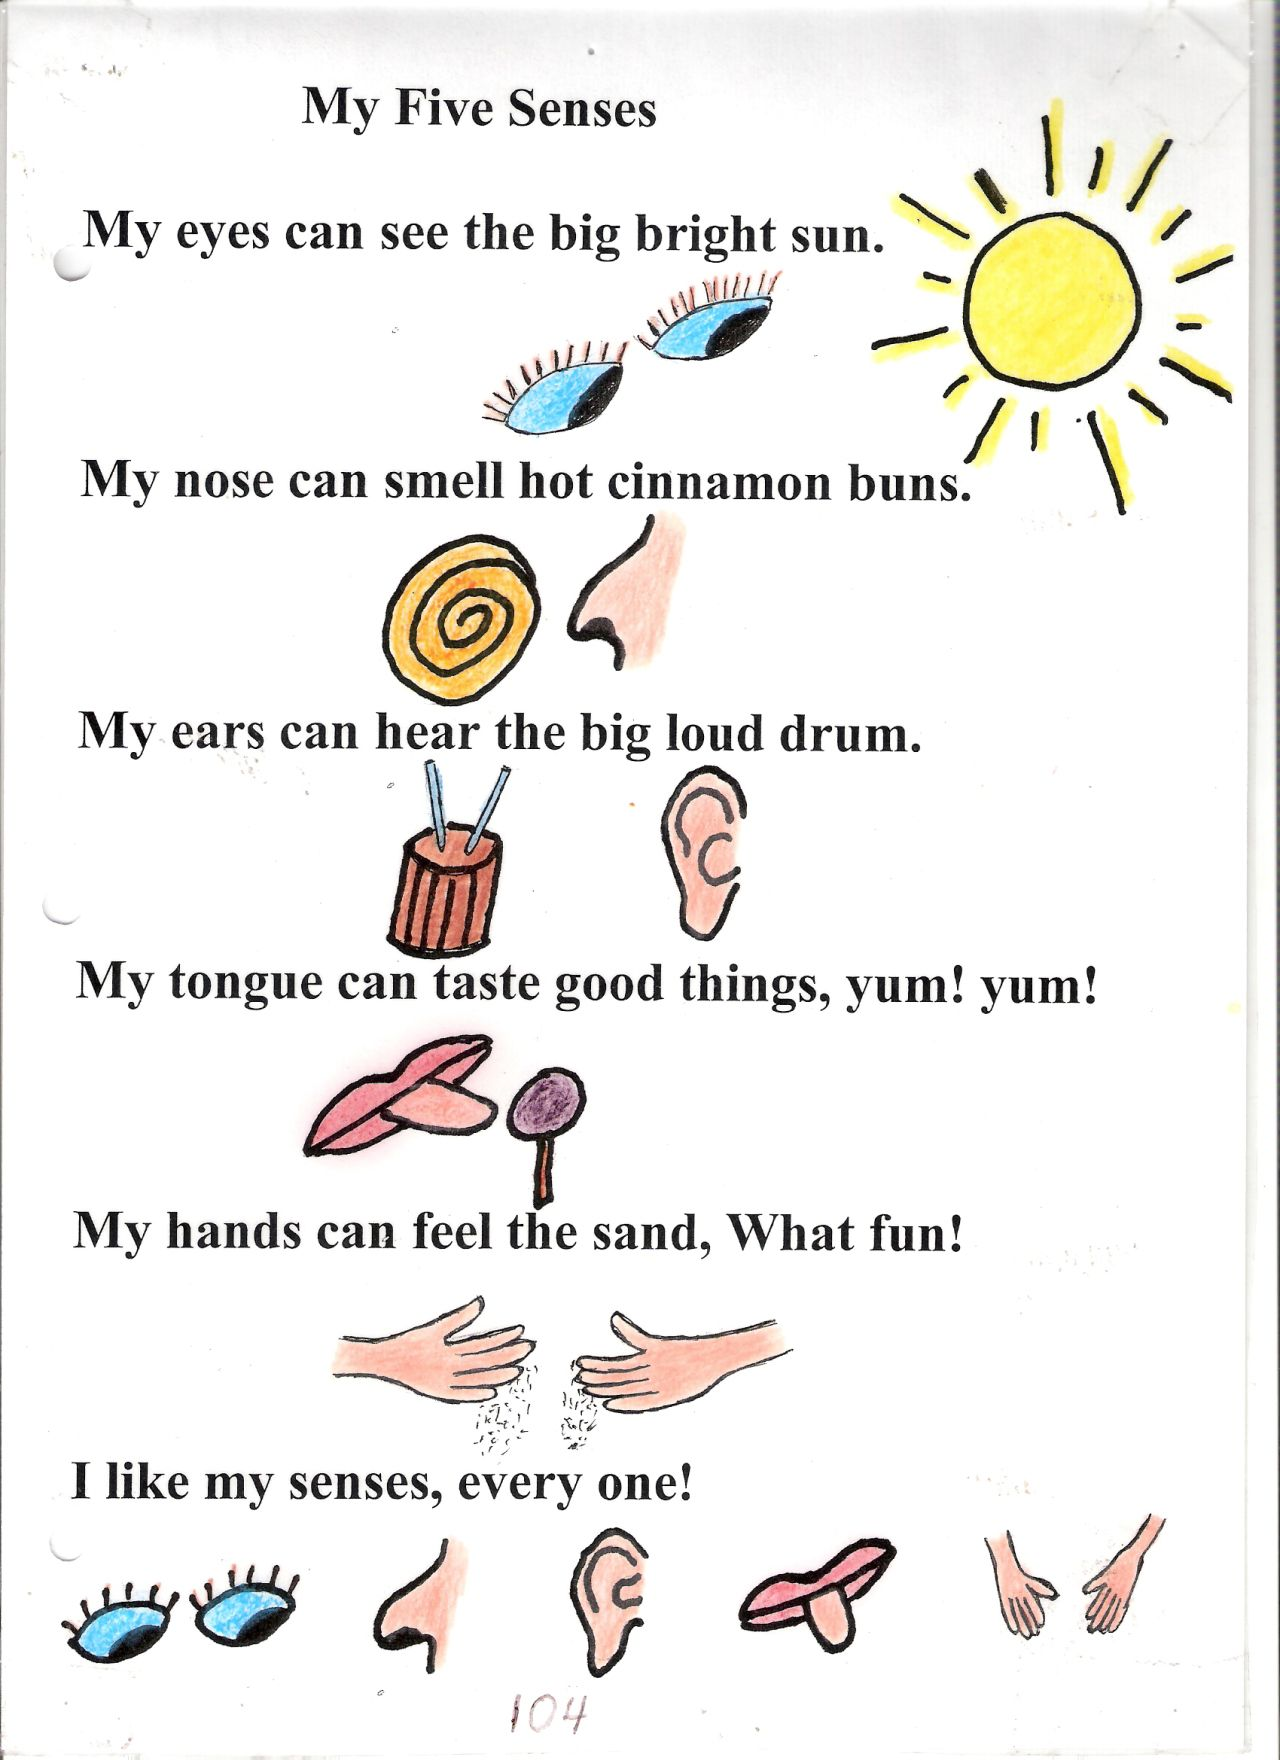 medium resolution of Poem no. 4: My Five Senses   My five senses